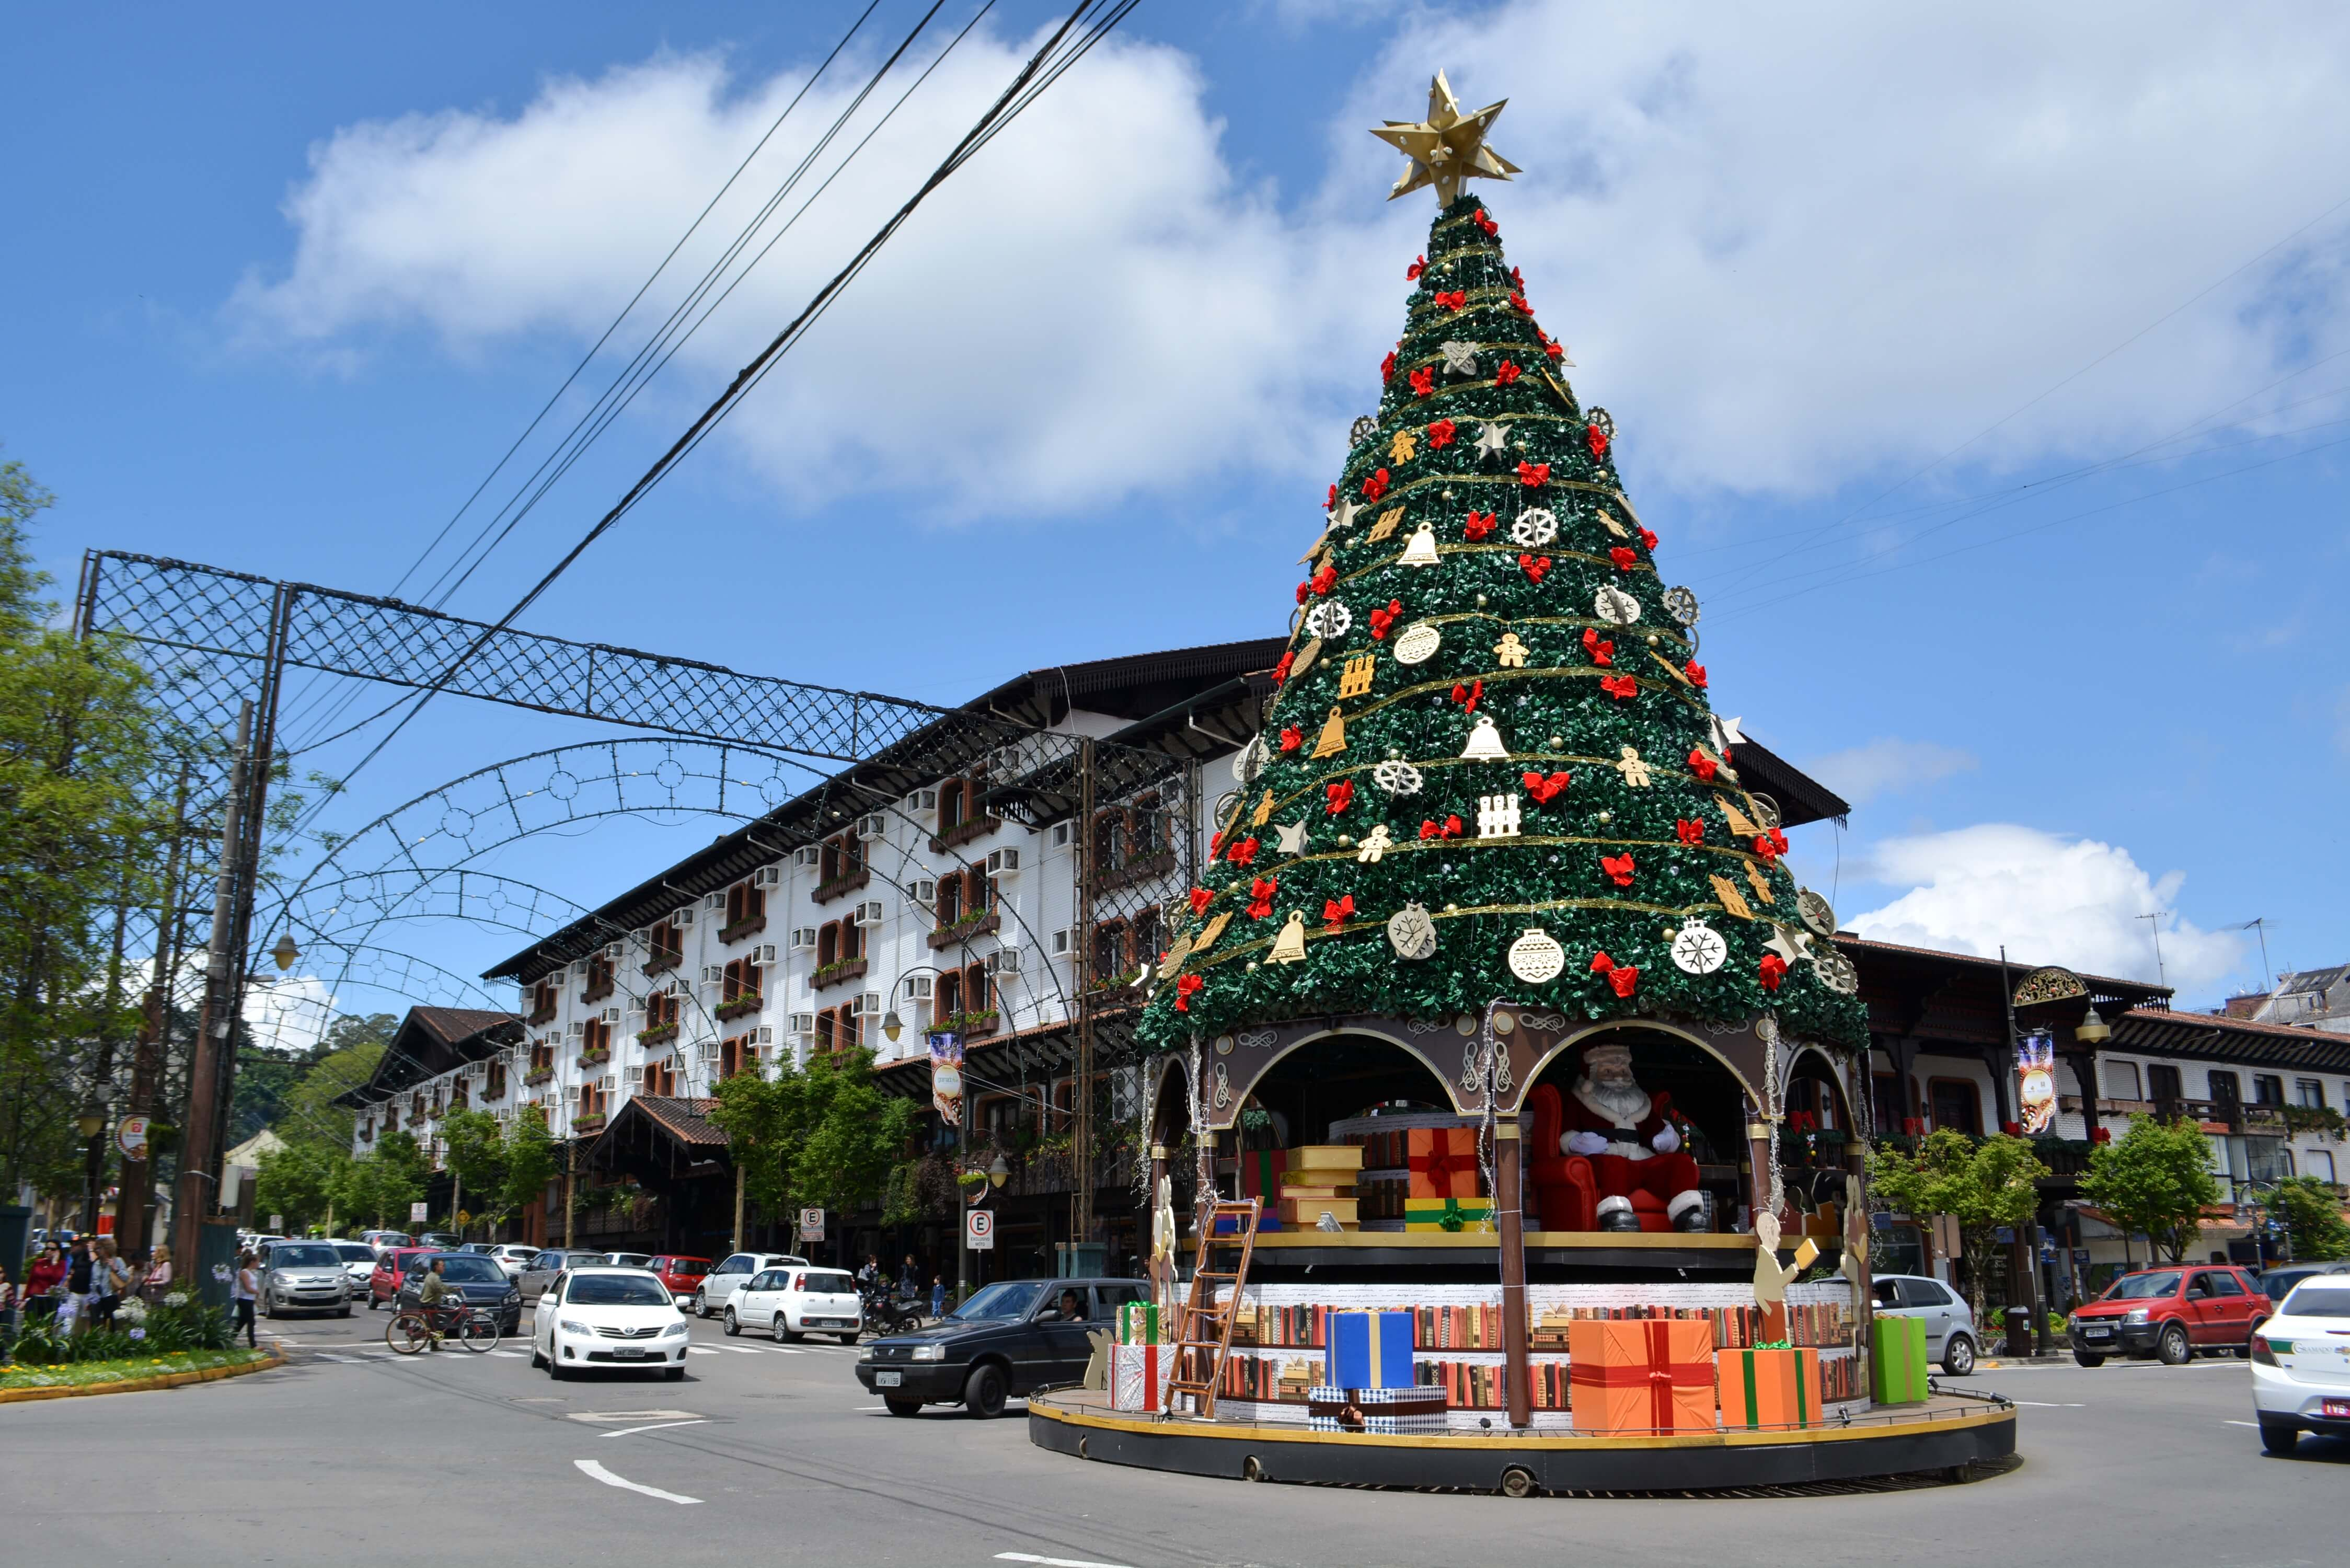 Fotos De Navidad En Brasil.La Eterna Navidad De Gramado Por Valeria Villalobos